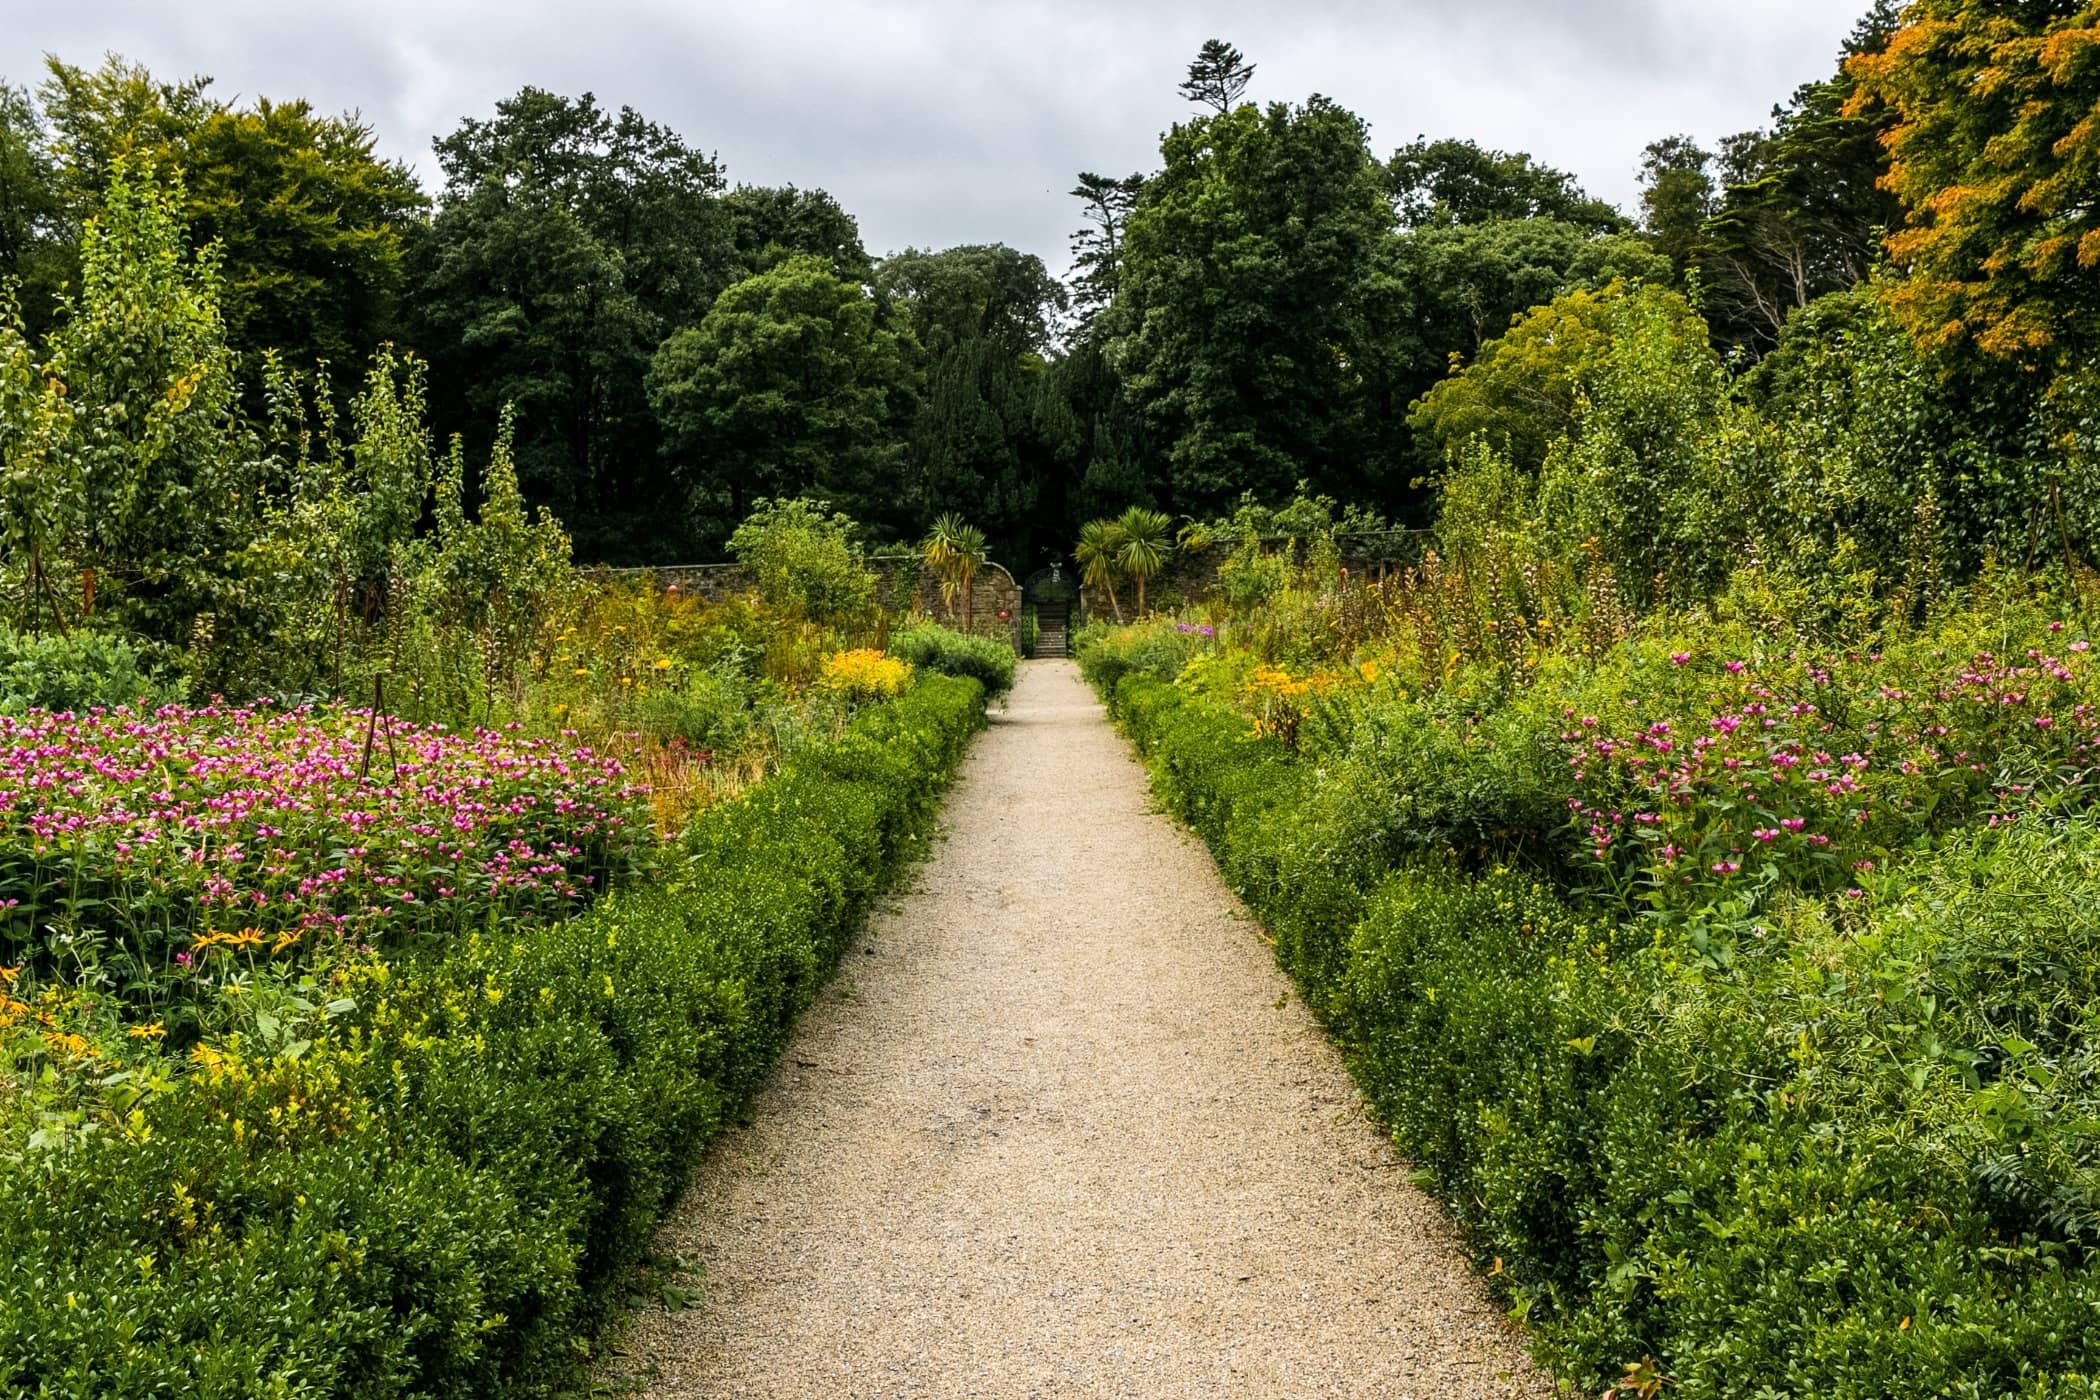 Nature reserve, Natural environment, Botanical garden, Grass, Green, Tree, Vegetation